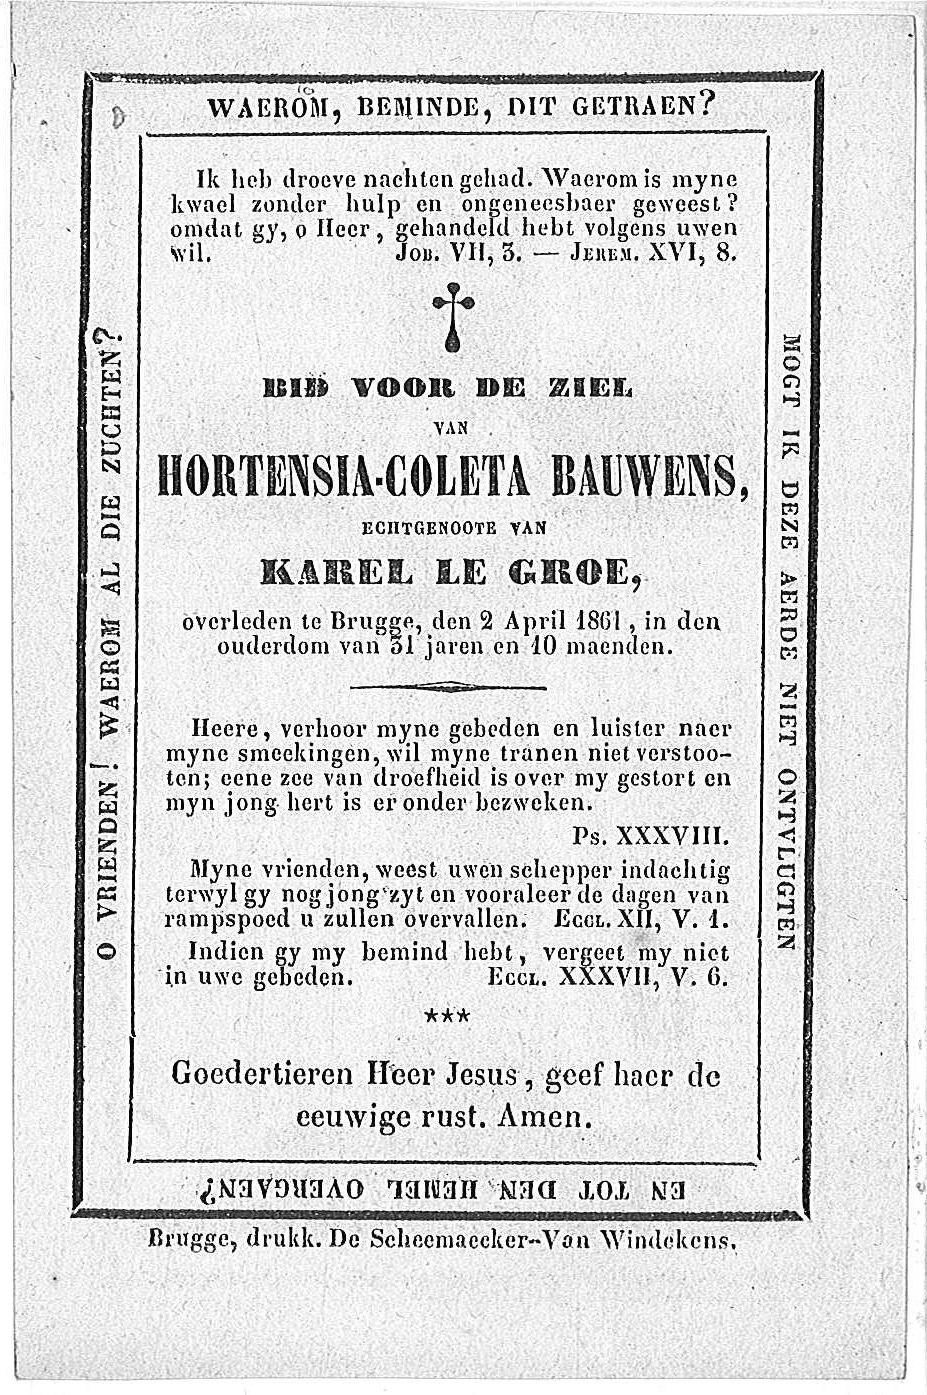 Hortensia-Coleta Bauwens